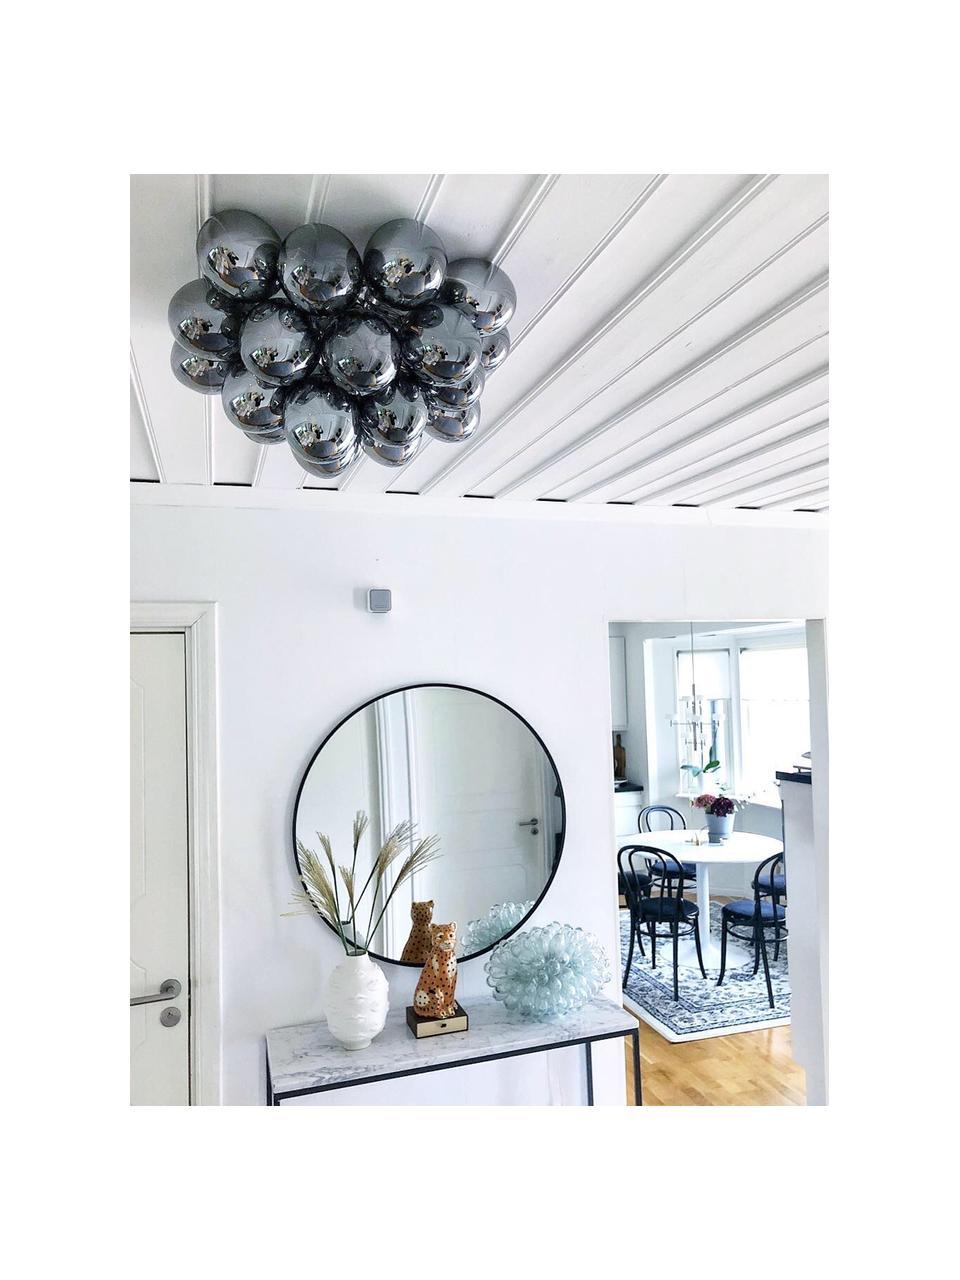 Lampa sufitowa ze szklanymi kulami Gross, Chrom, Ø 50 x W 27 cm